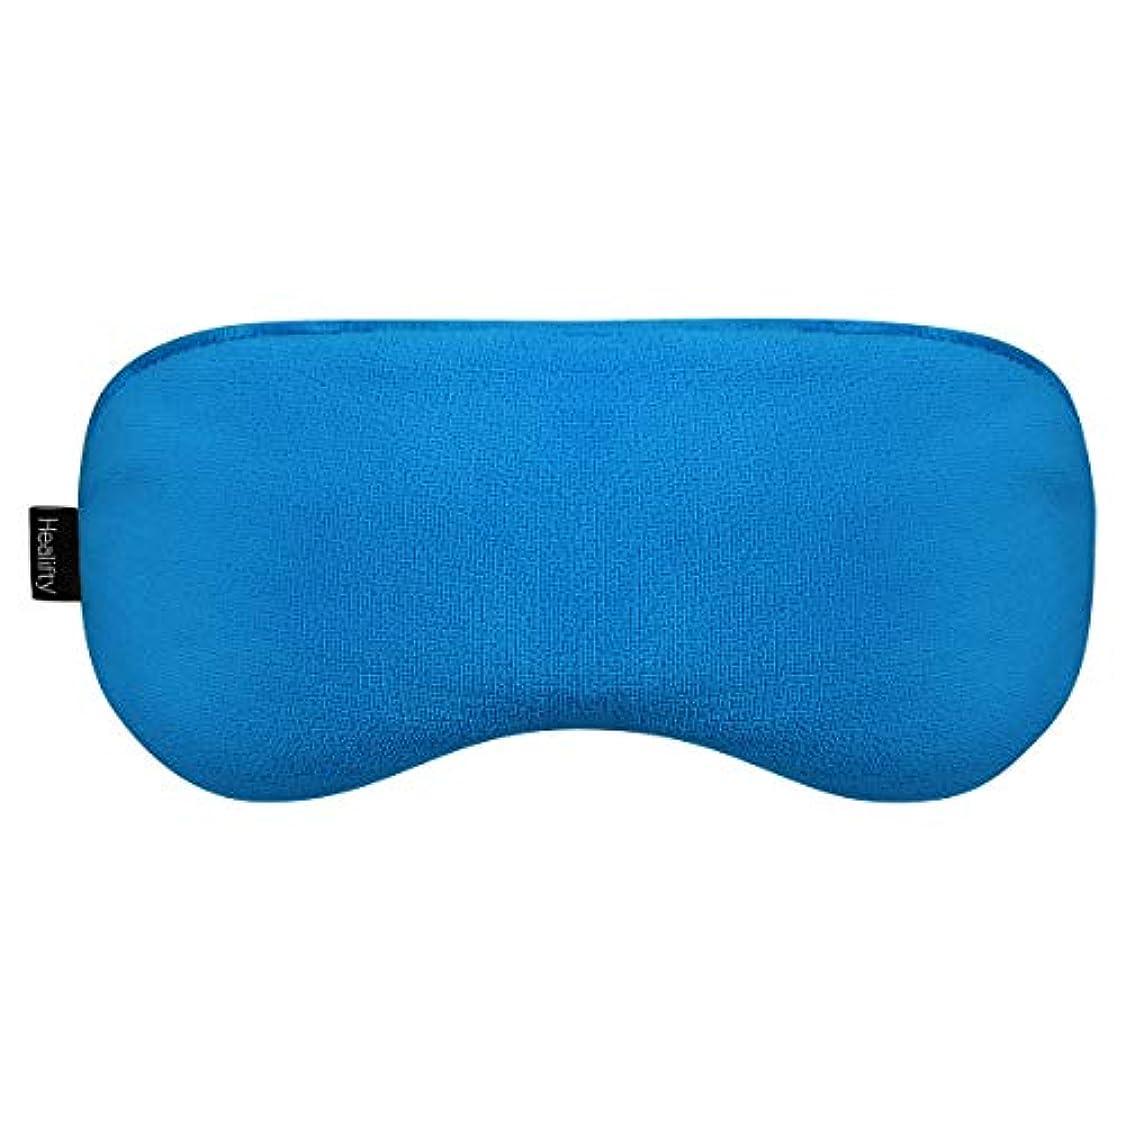 経験者食品細心のHealifty 目の目隠し1ピース亜麻仁アイ圧縮暖かいアイセラピーマイクロ波ホットアイマスク付きベルベットカバー(ブルー)